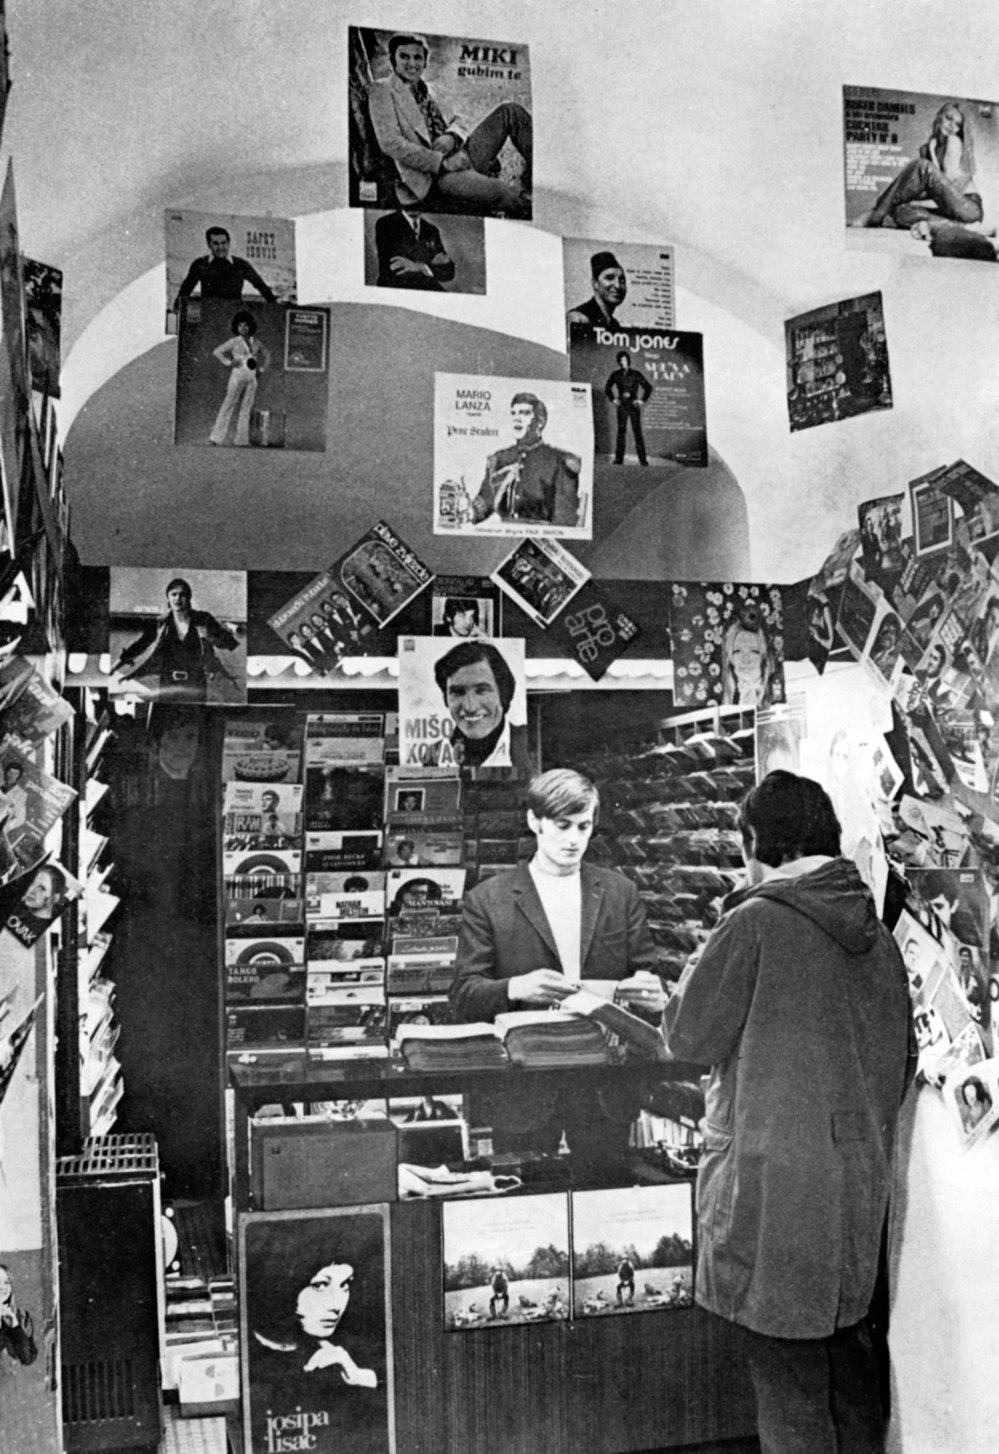 Mala prodavaona ploca Novi Sad 1970